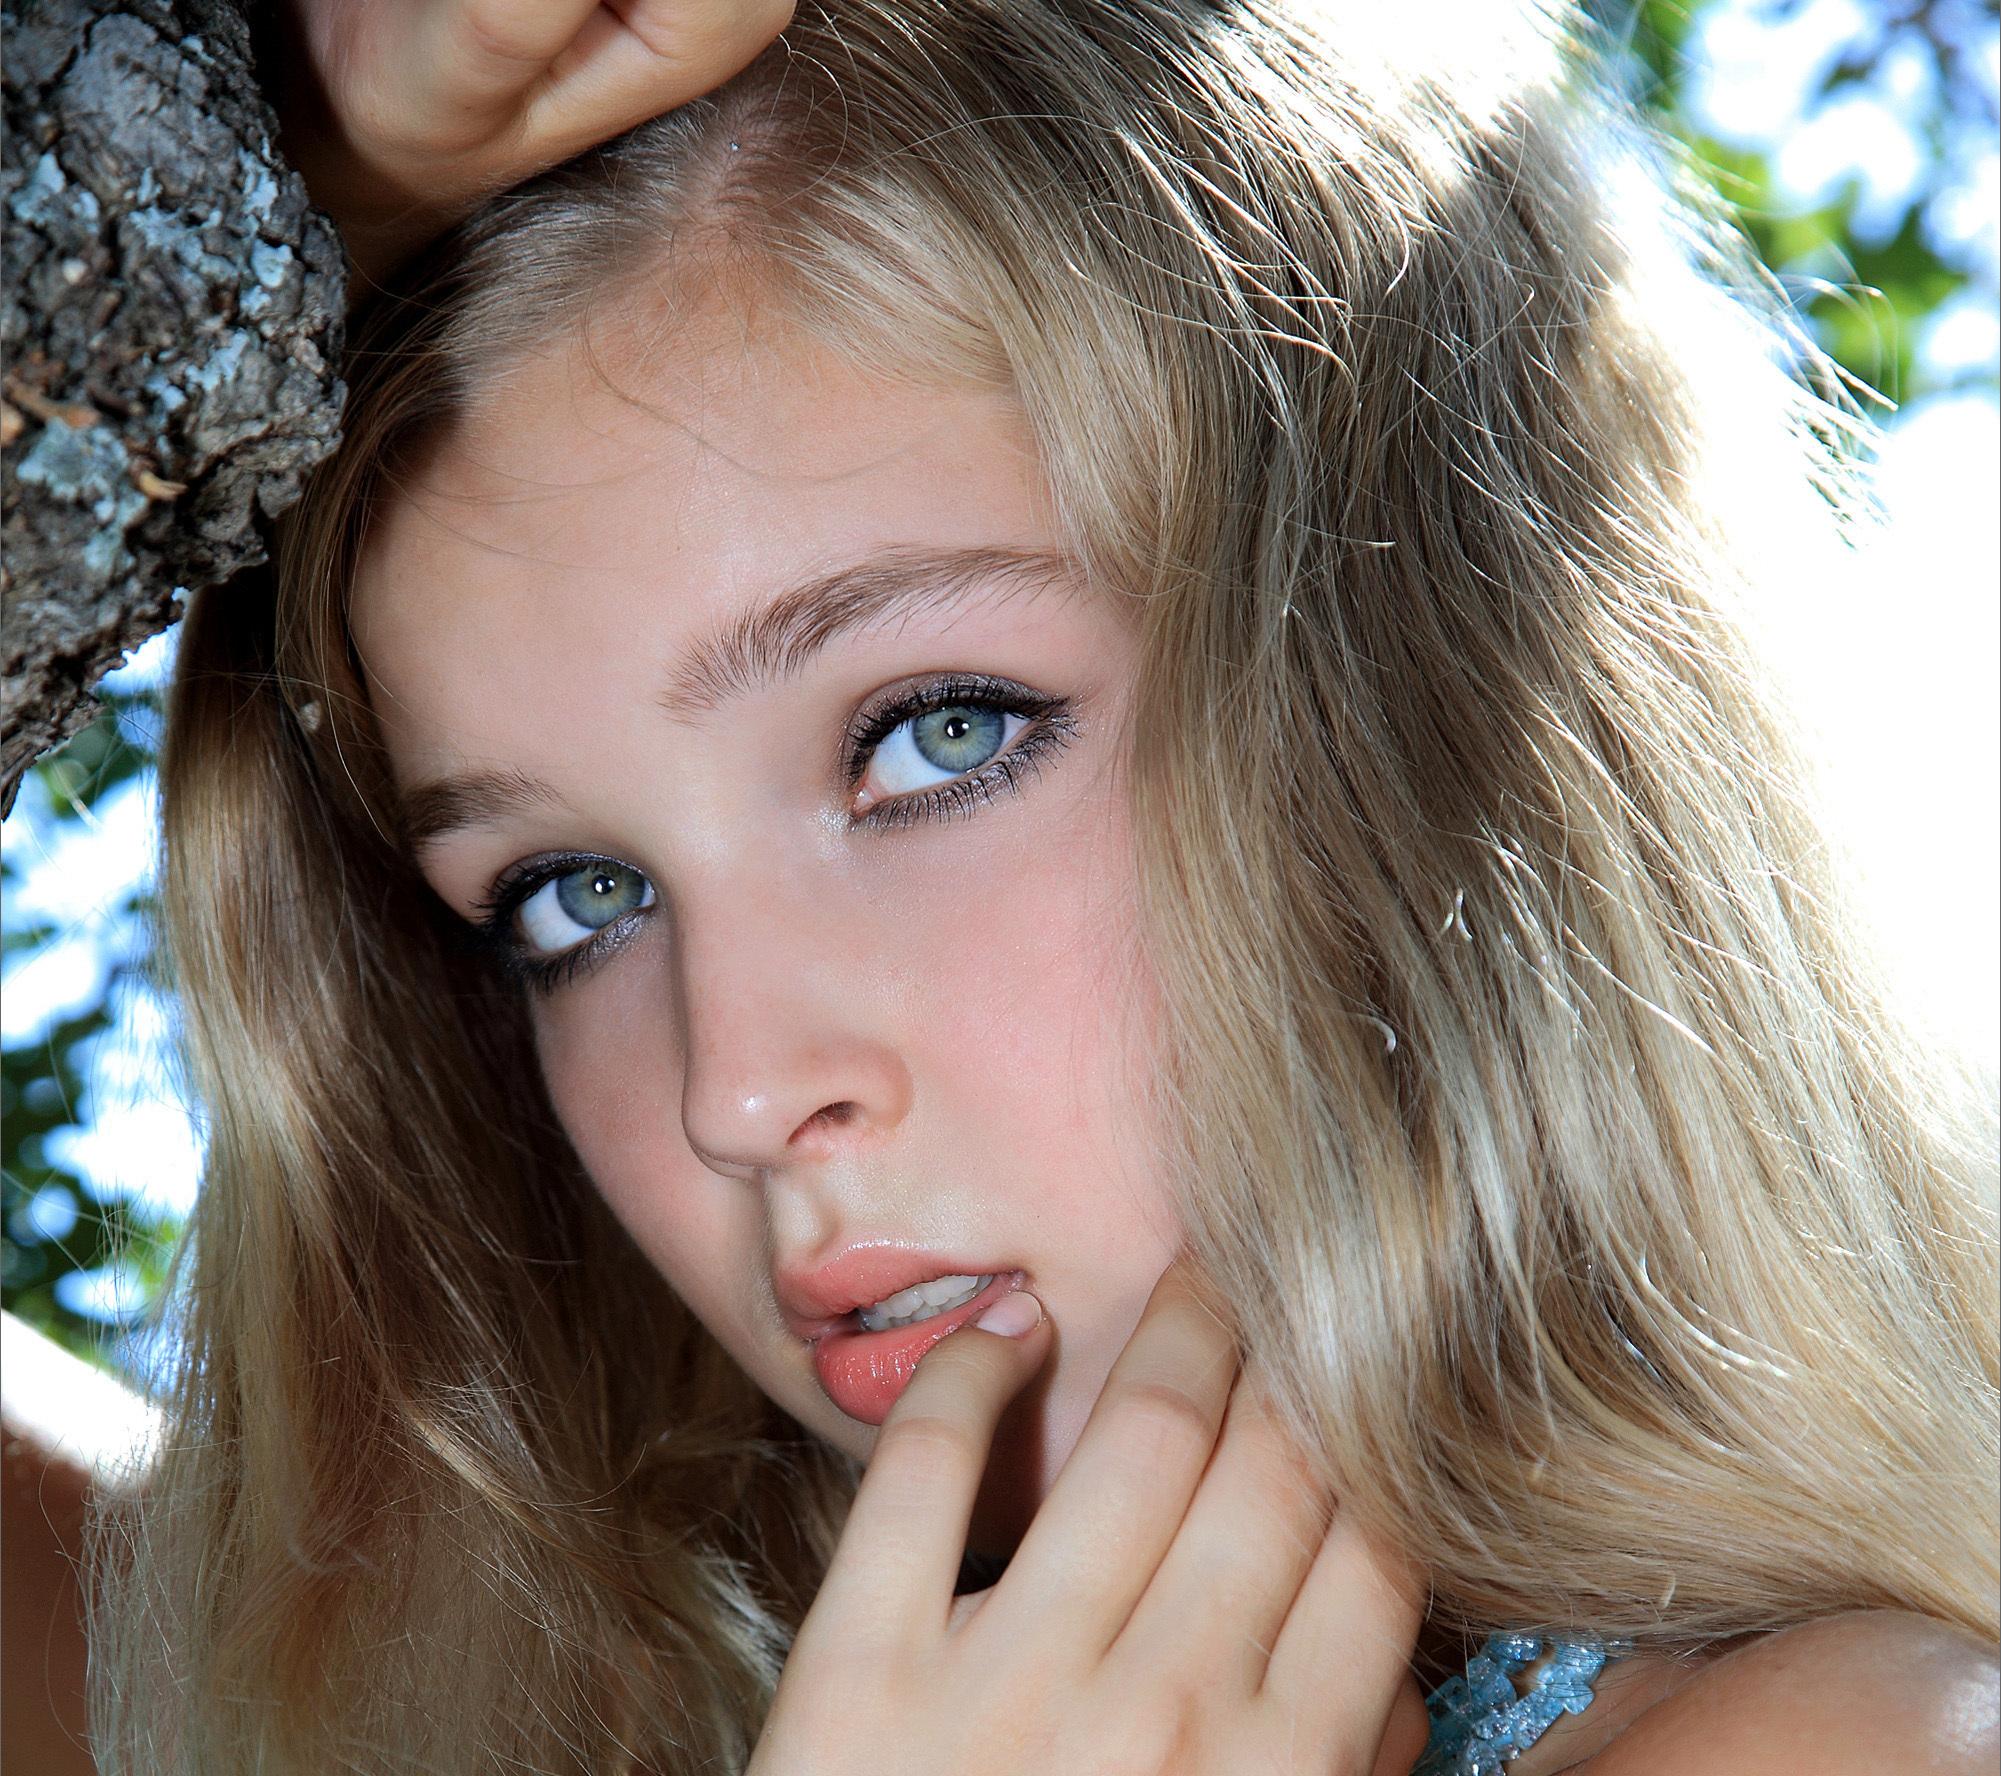 Orale teens angel — 4